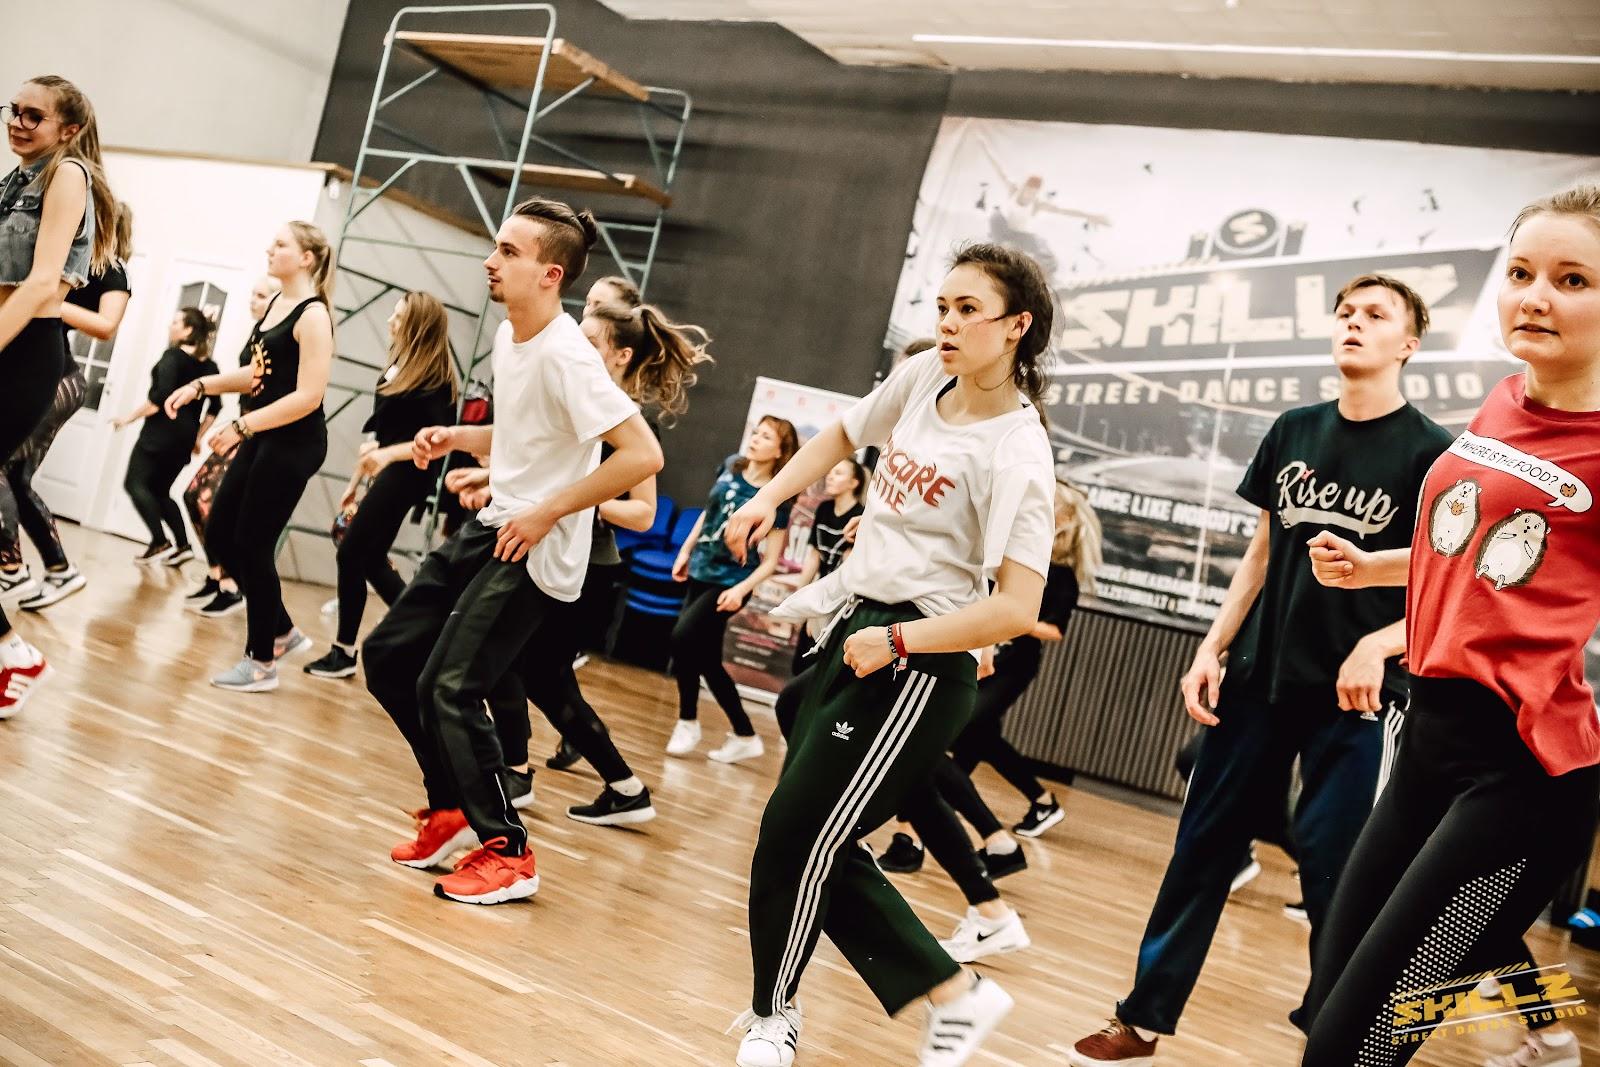 Dancehall Takeover seminarai (Jamaika, Belgija, Prancuzija) - xIMG_0129.jpg